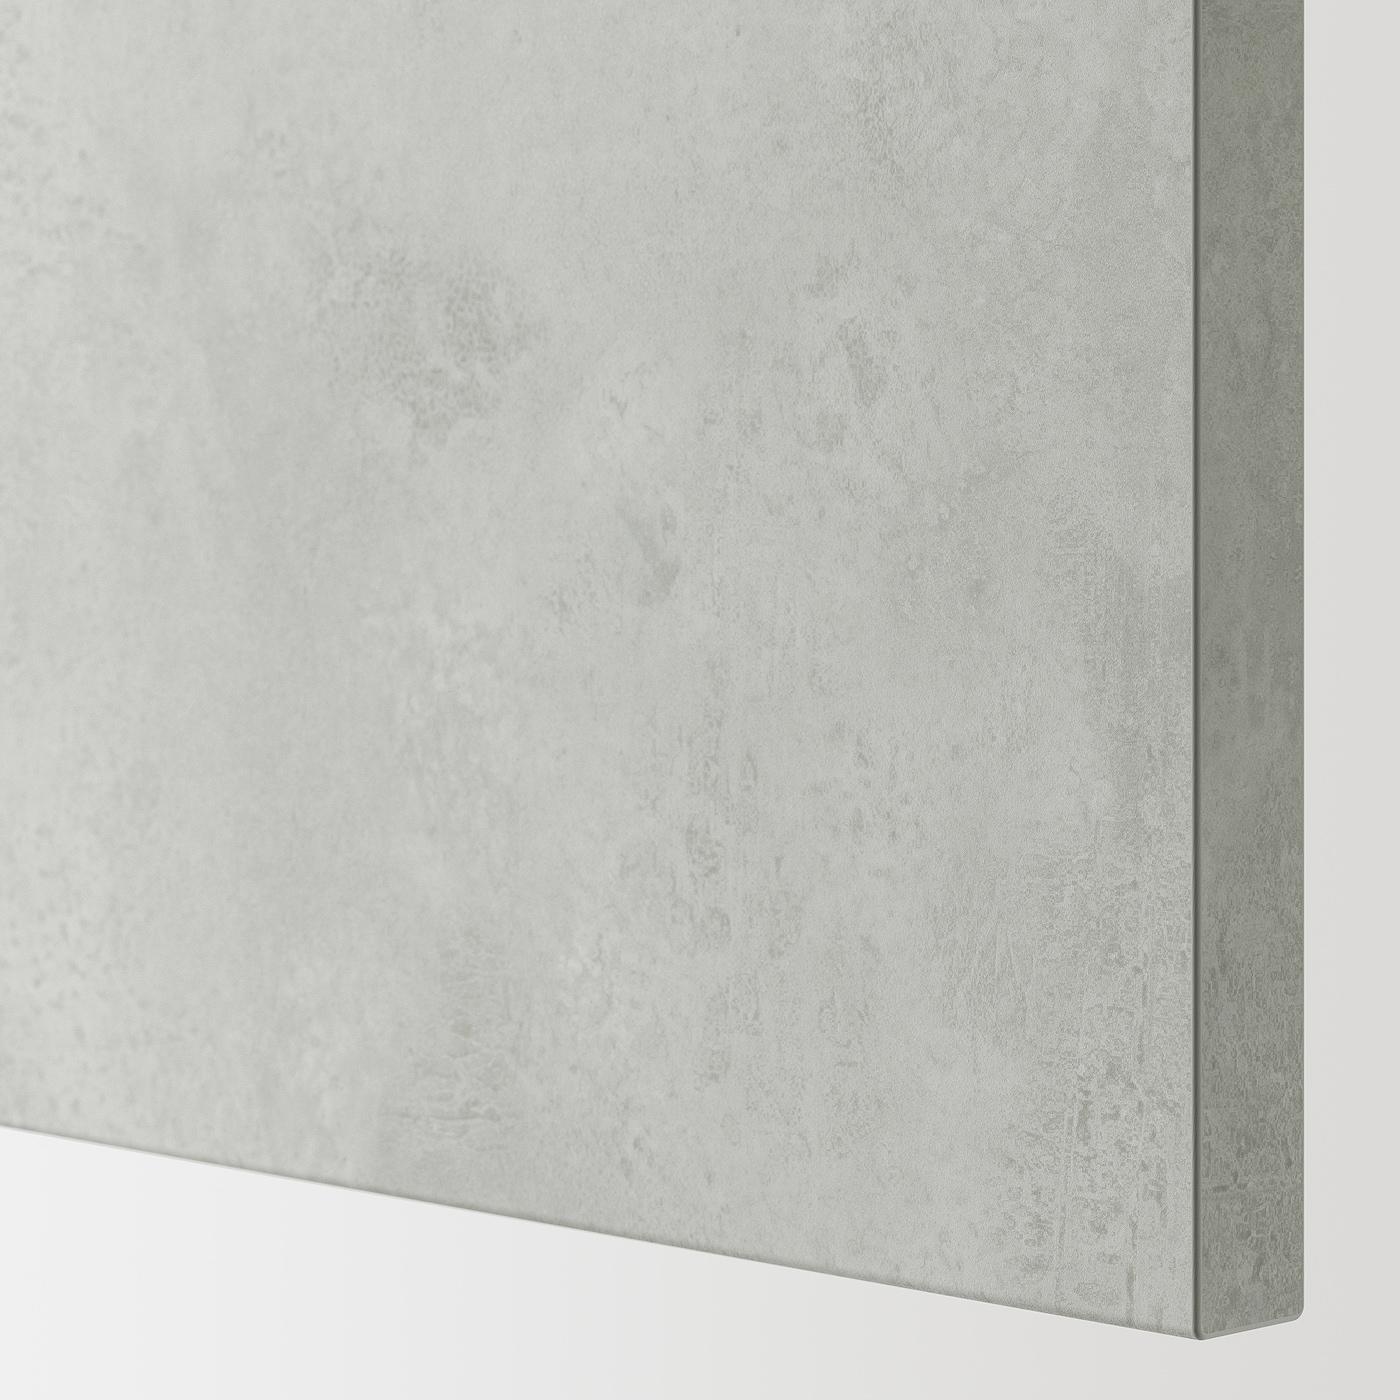 ENHET Schubladenfront Unterschrank f Ofen, Betonmuster, 60x14 cm